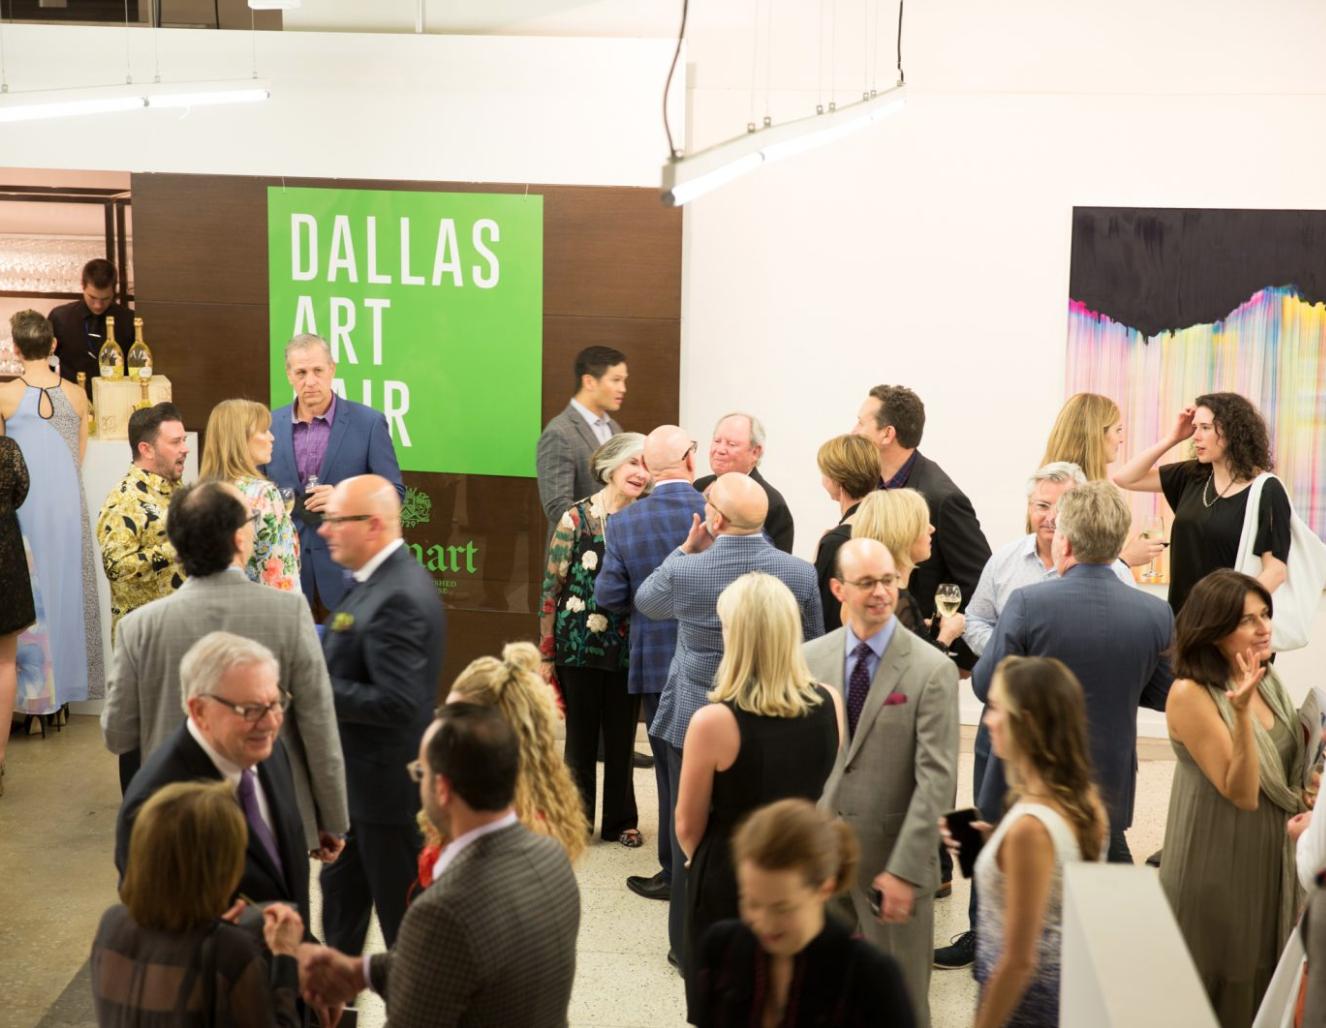 Art Fair Guide 2020 - Dallas Art Fair